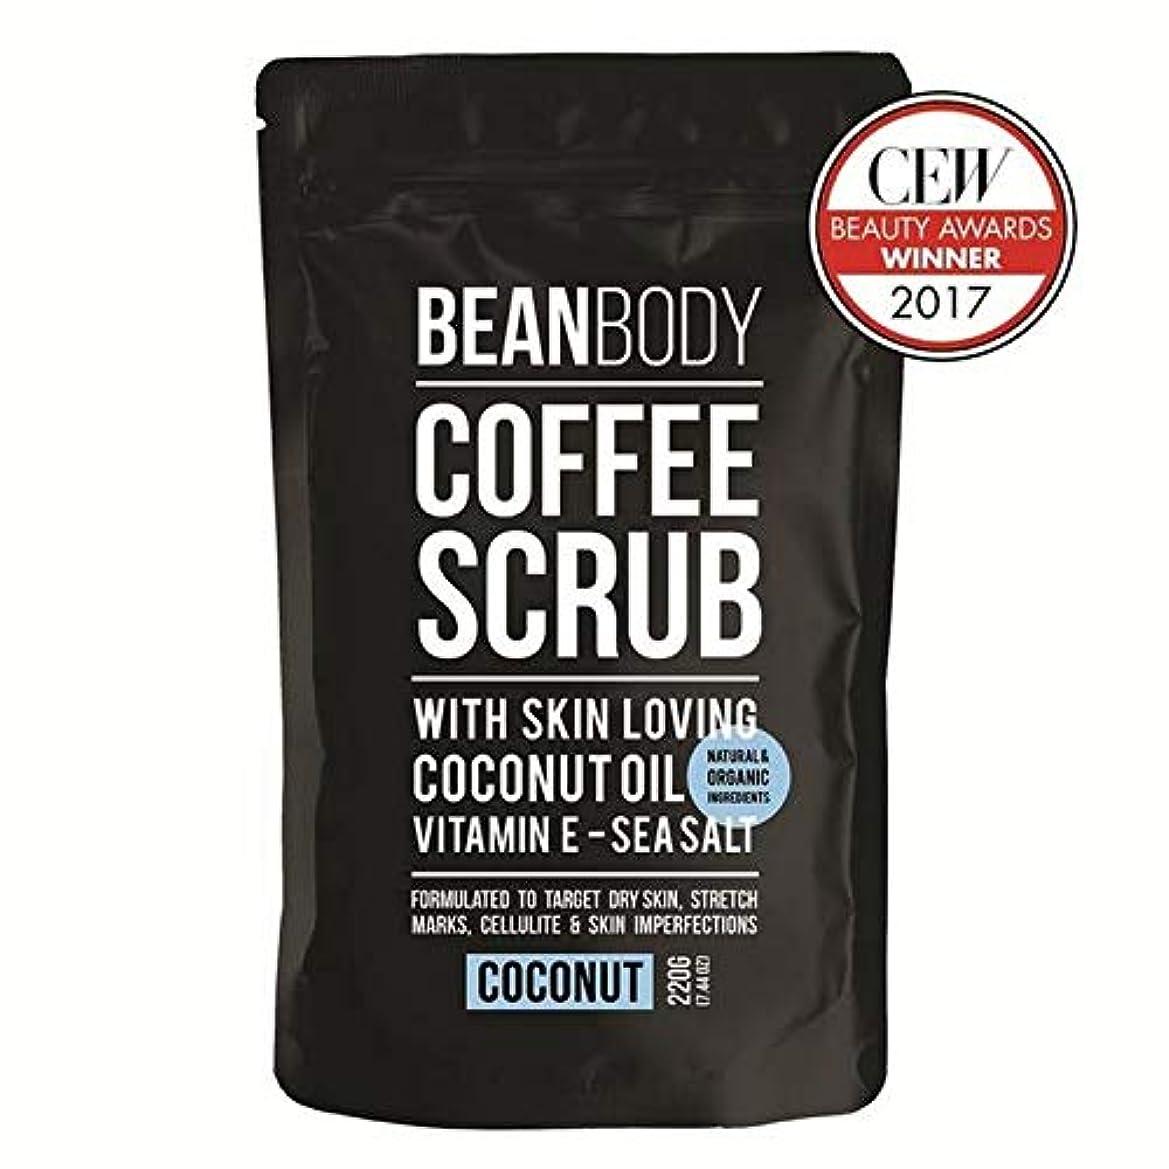 同時参照する流用する[Bean Body ] 豆のボディコーヒースクラブ、ココナッツ220グラム - Bean Body Coffee Scrub, Coconut 220g [並行輸入品]